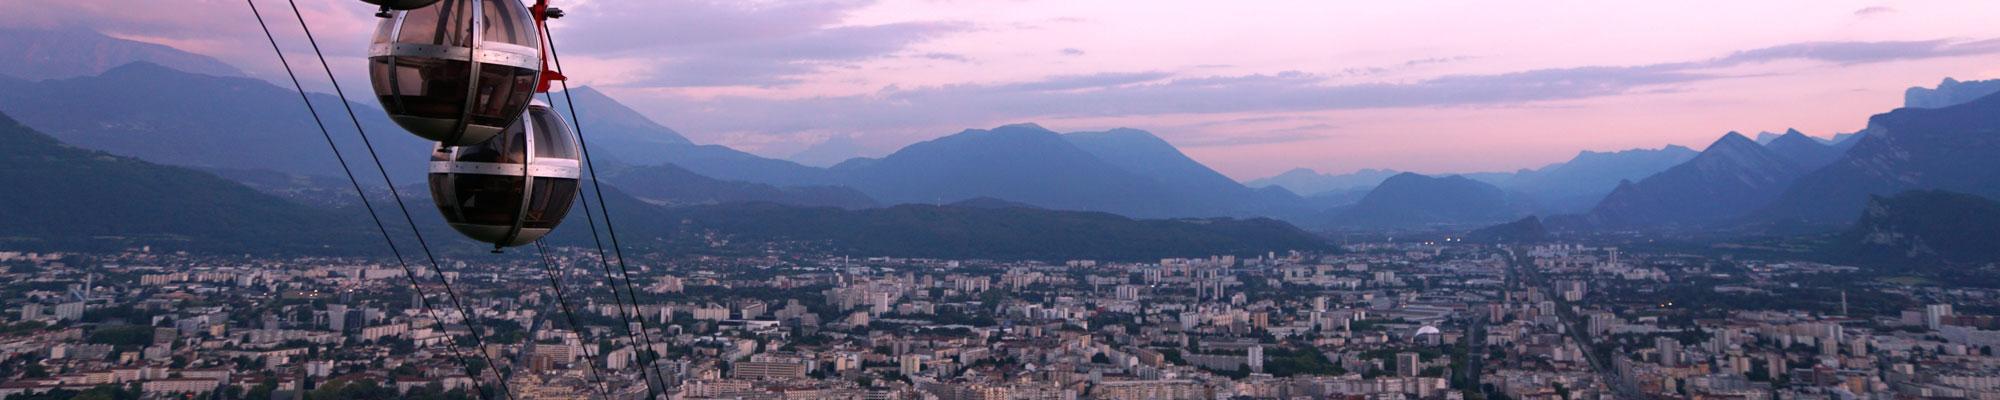 Ecole de commerce à Grenoble